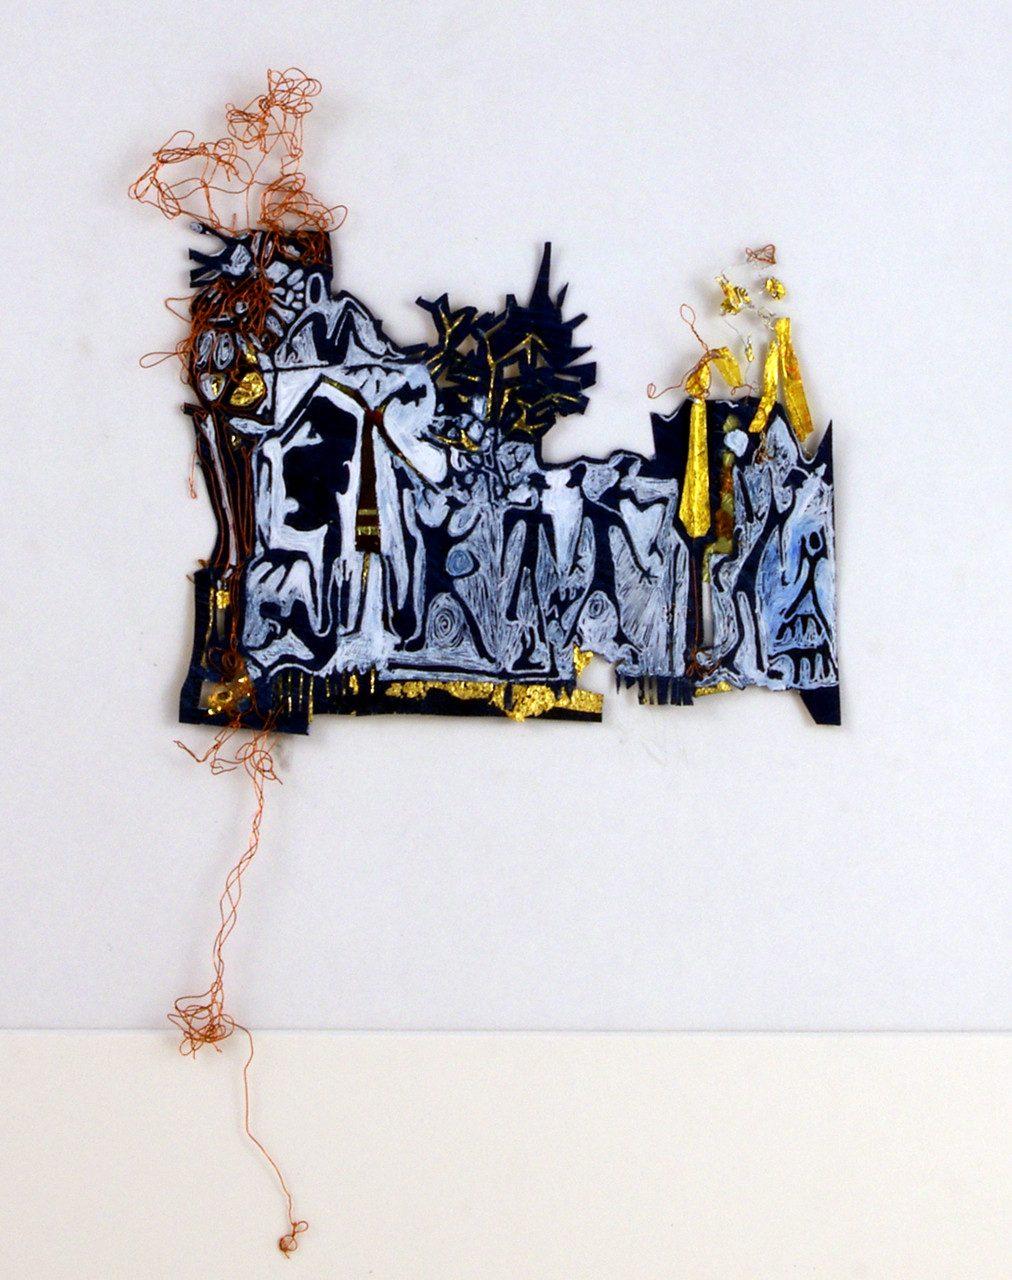 POURQUOI  SARAH, 2016 encre, or et feutre sur papier découpé (30x30cm) - Inv. 00162 (+) DÉTAILS